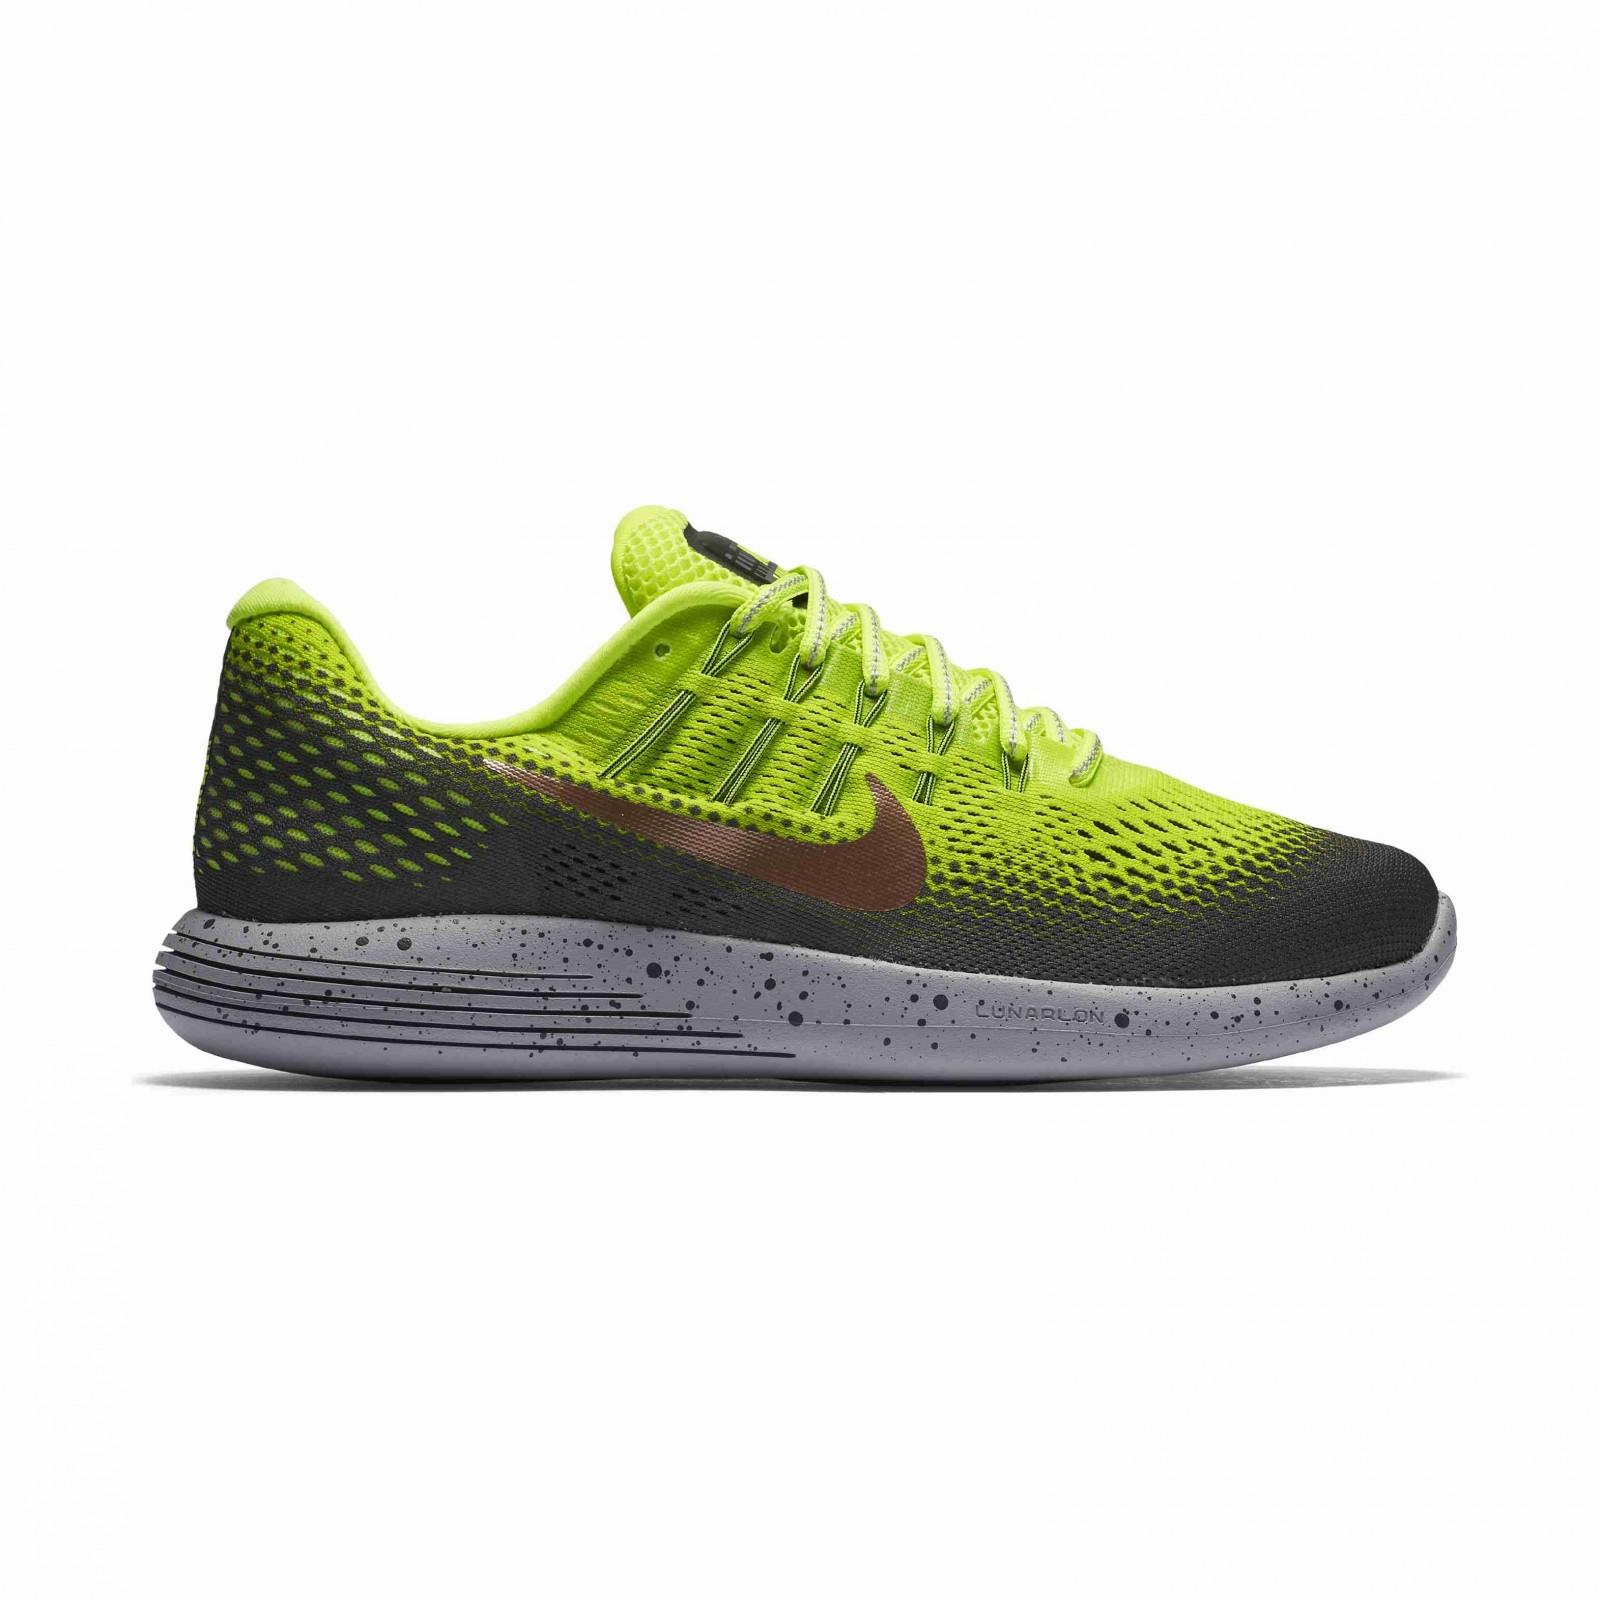 15edc91cb99 Pánské běžecké boty Nike LUNARGLIDE 8 SHIELD